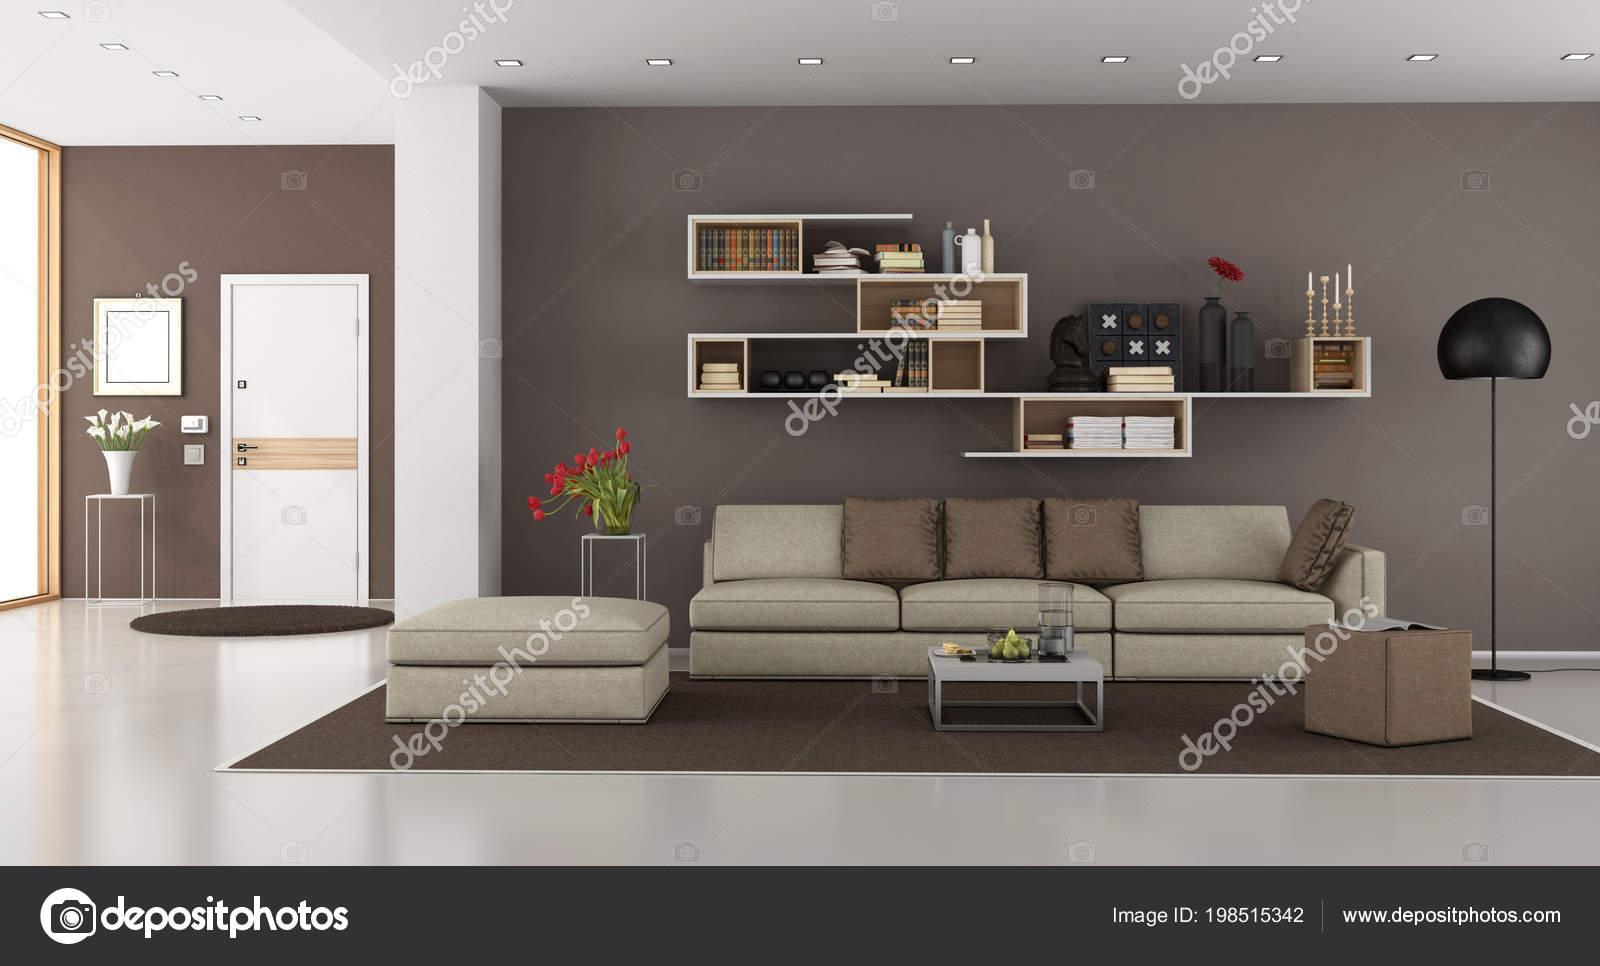 Soggiorno una casa moderna con divano una libreria porta for Idee ingresso casa moderna